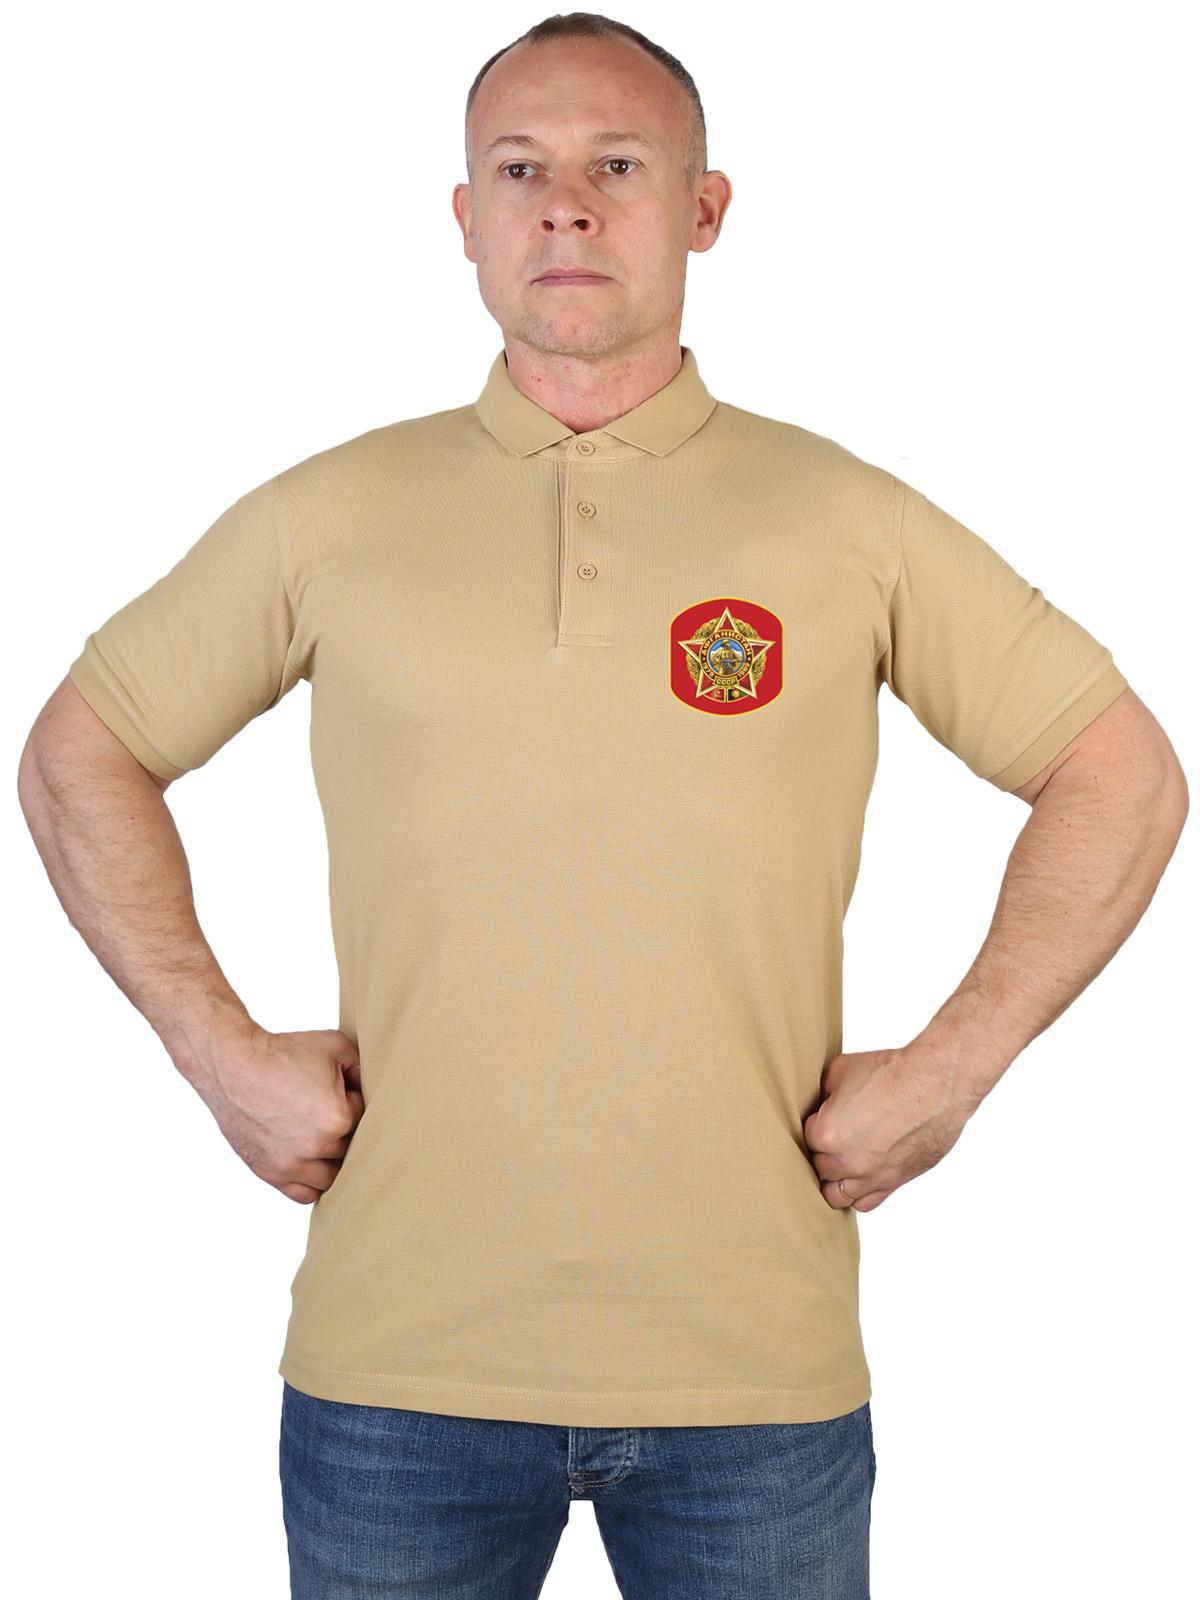 Купить хлопковую песочную футболку-поло с термотрансфером Афганистан СССР онлайн